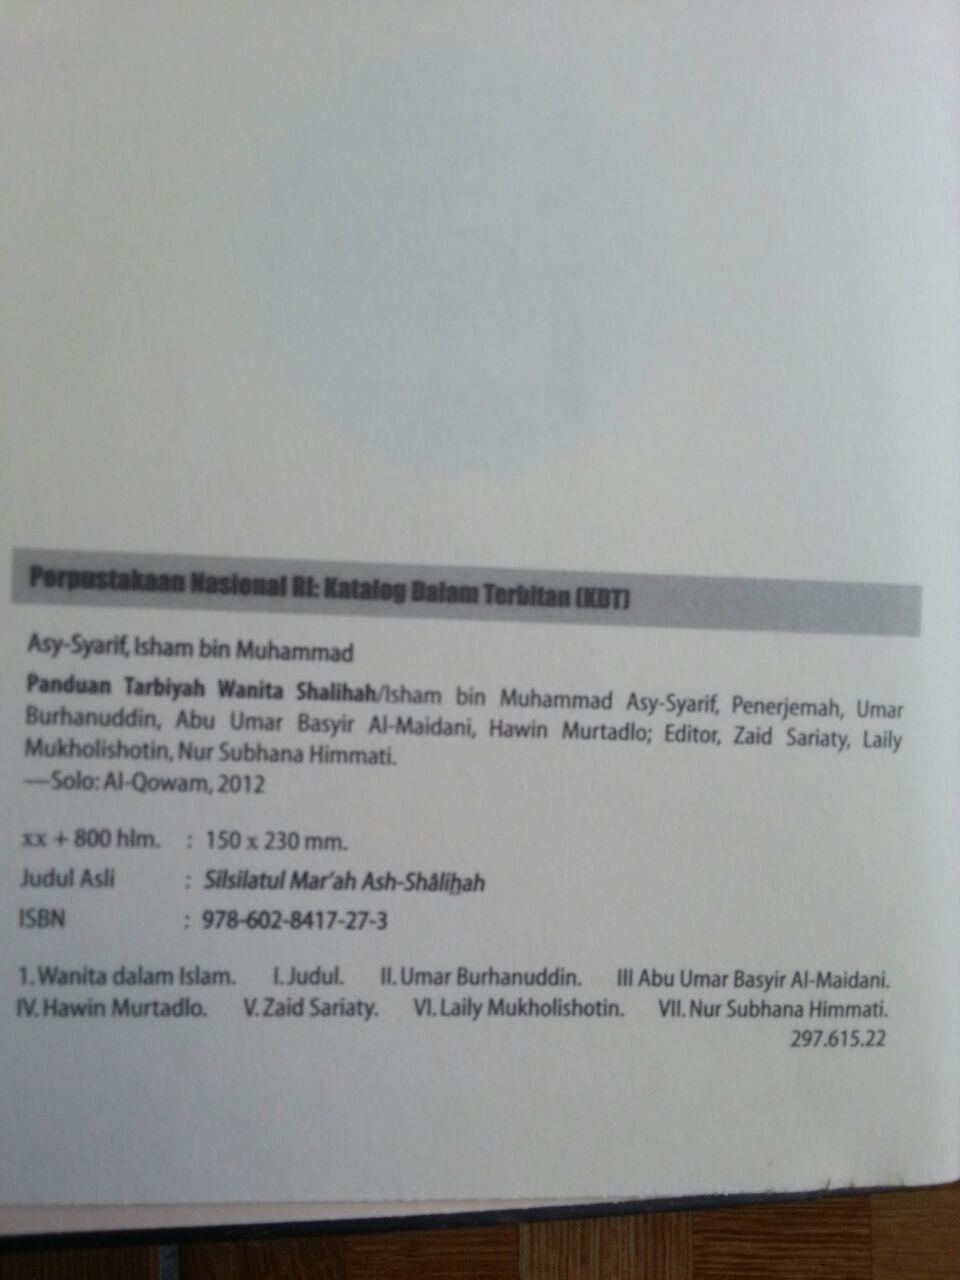 Buku Panduan Tarbiyah Wanita Shalihah isi 4